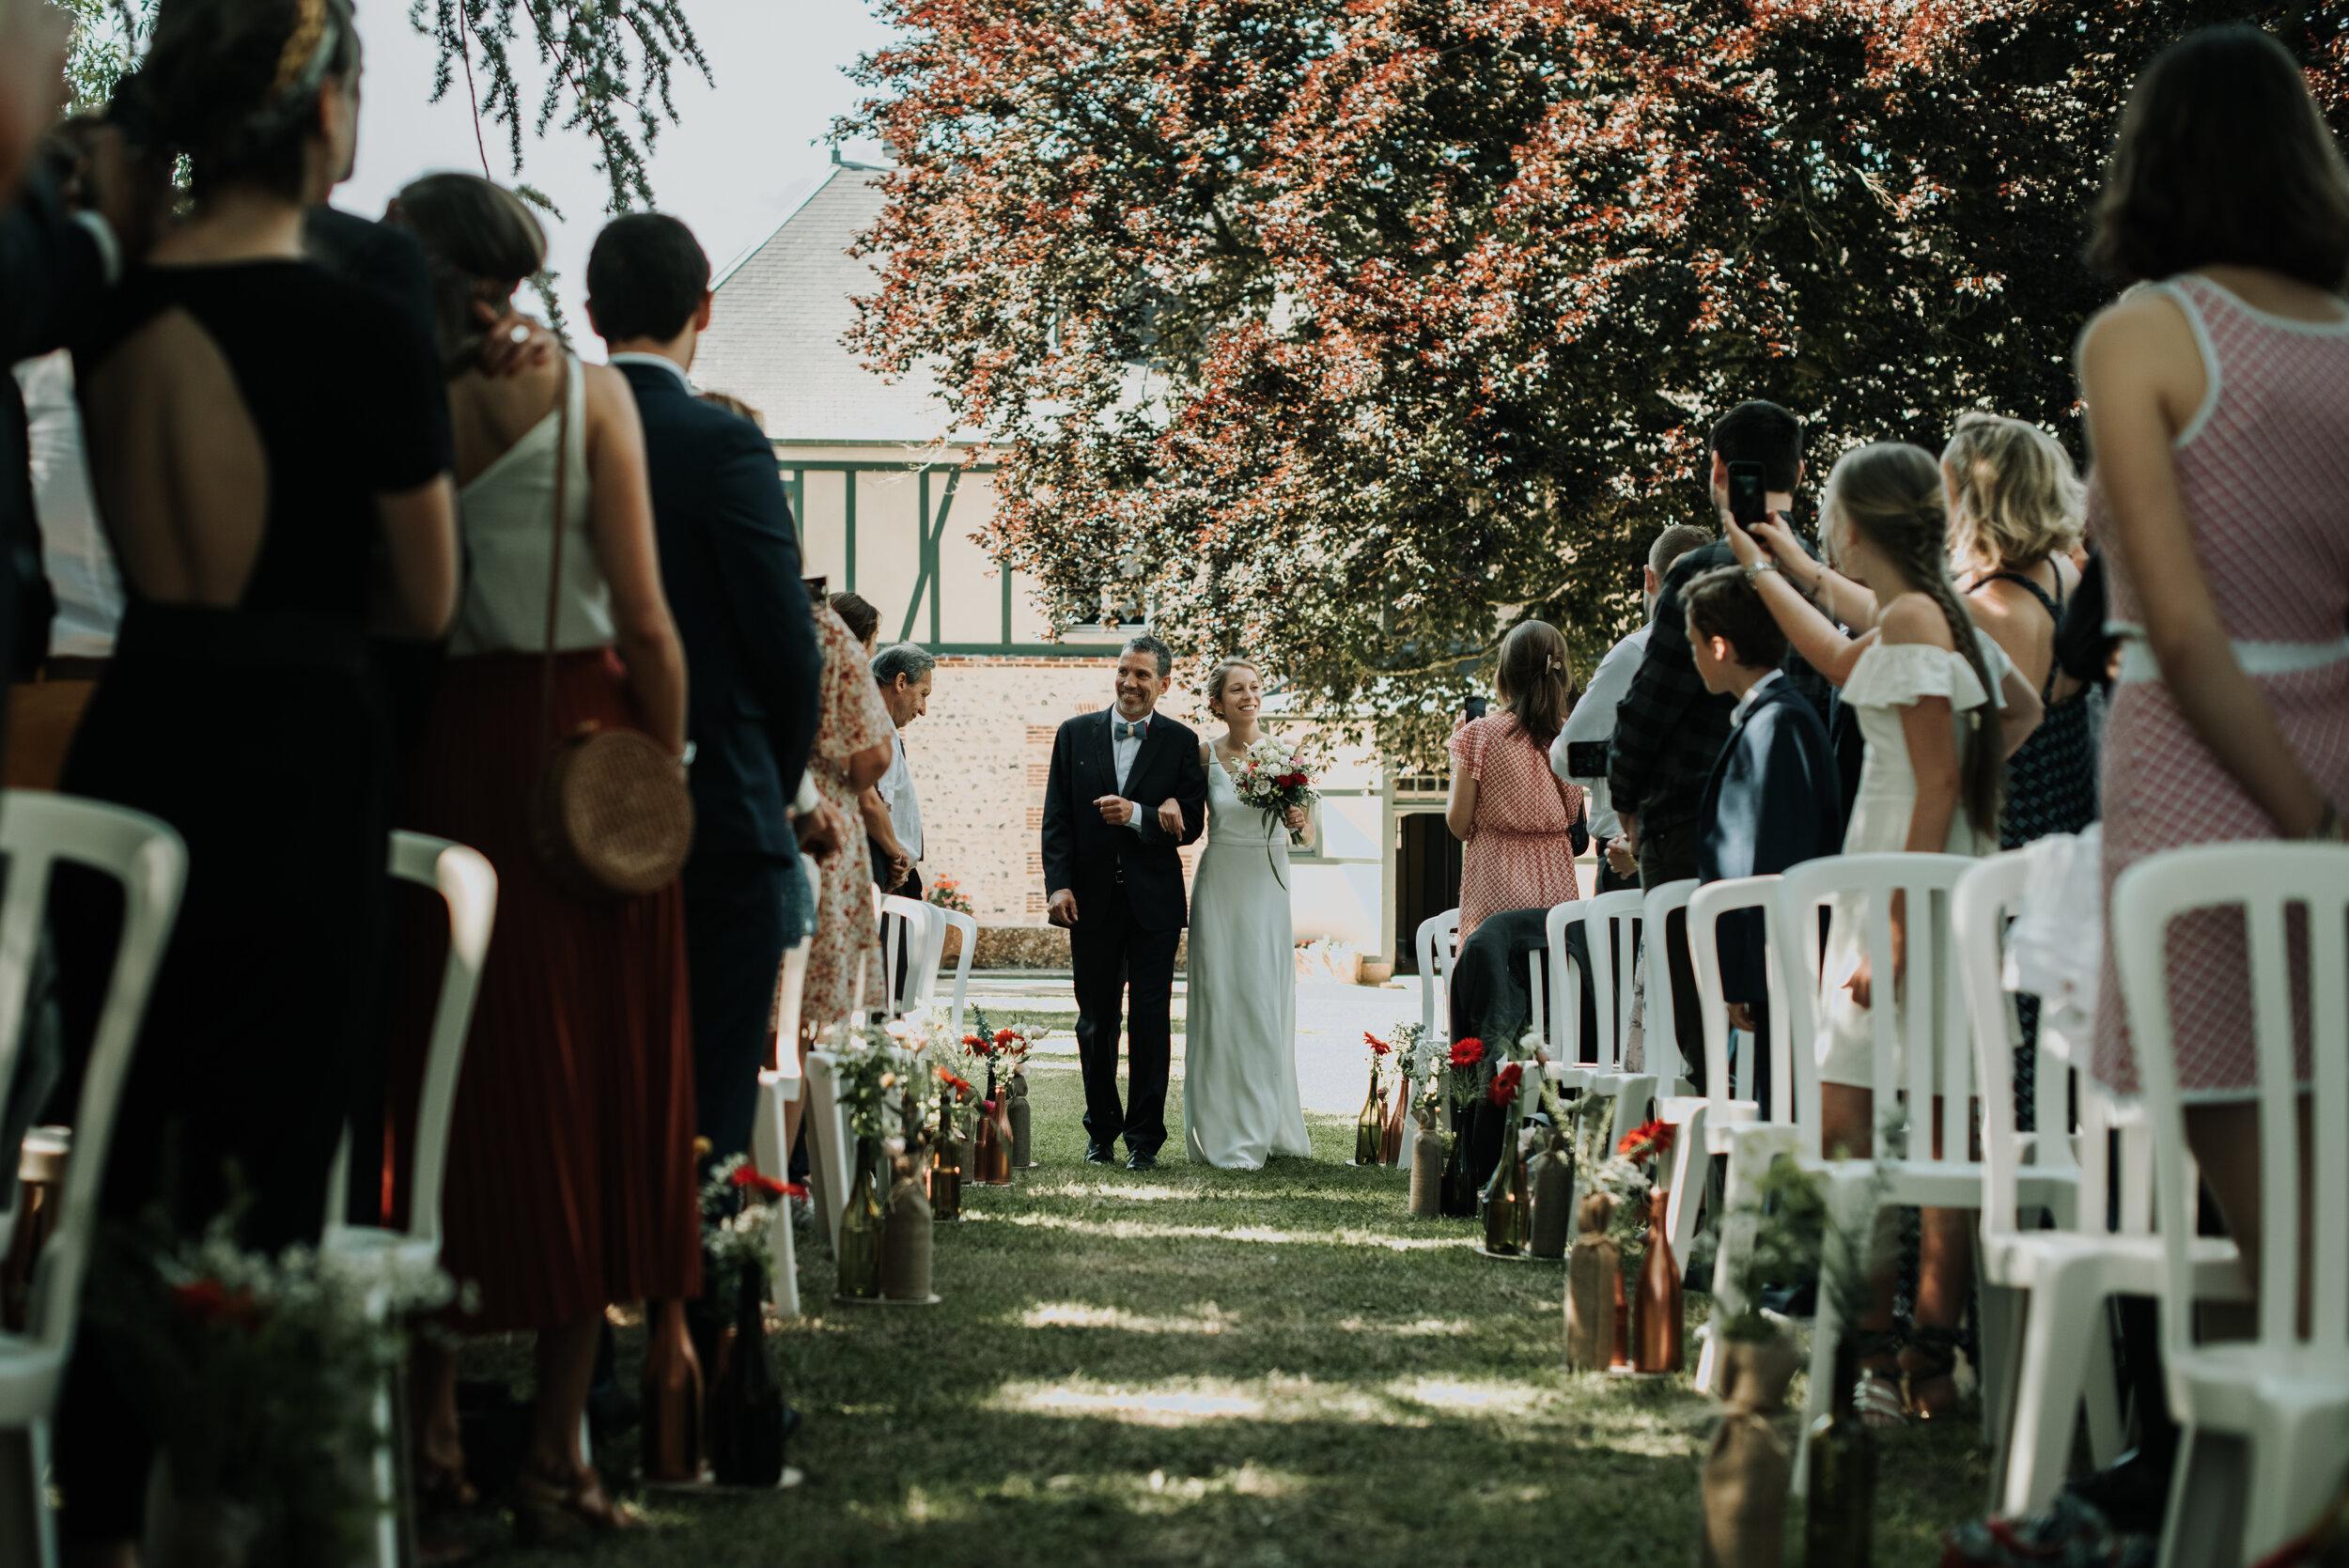 Léa-Fery-photographe-professionnel-Bretagne-portrait-creation-mariage-evenement-evenementiel-famille-5611.jpg